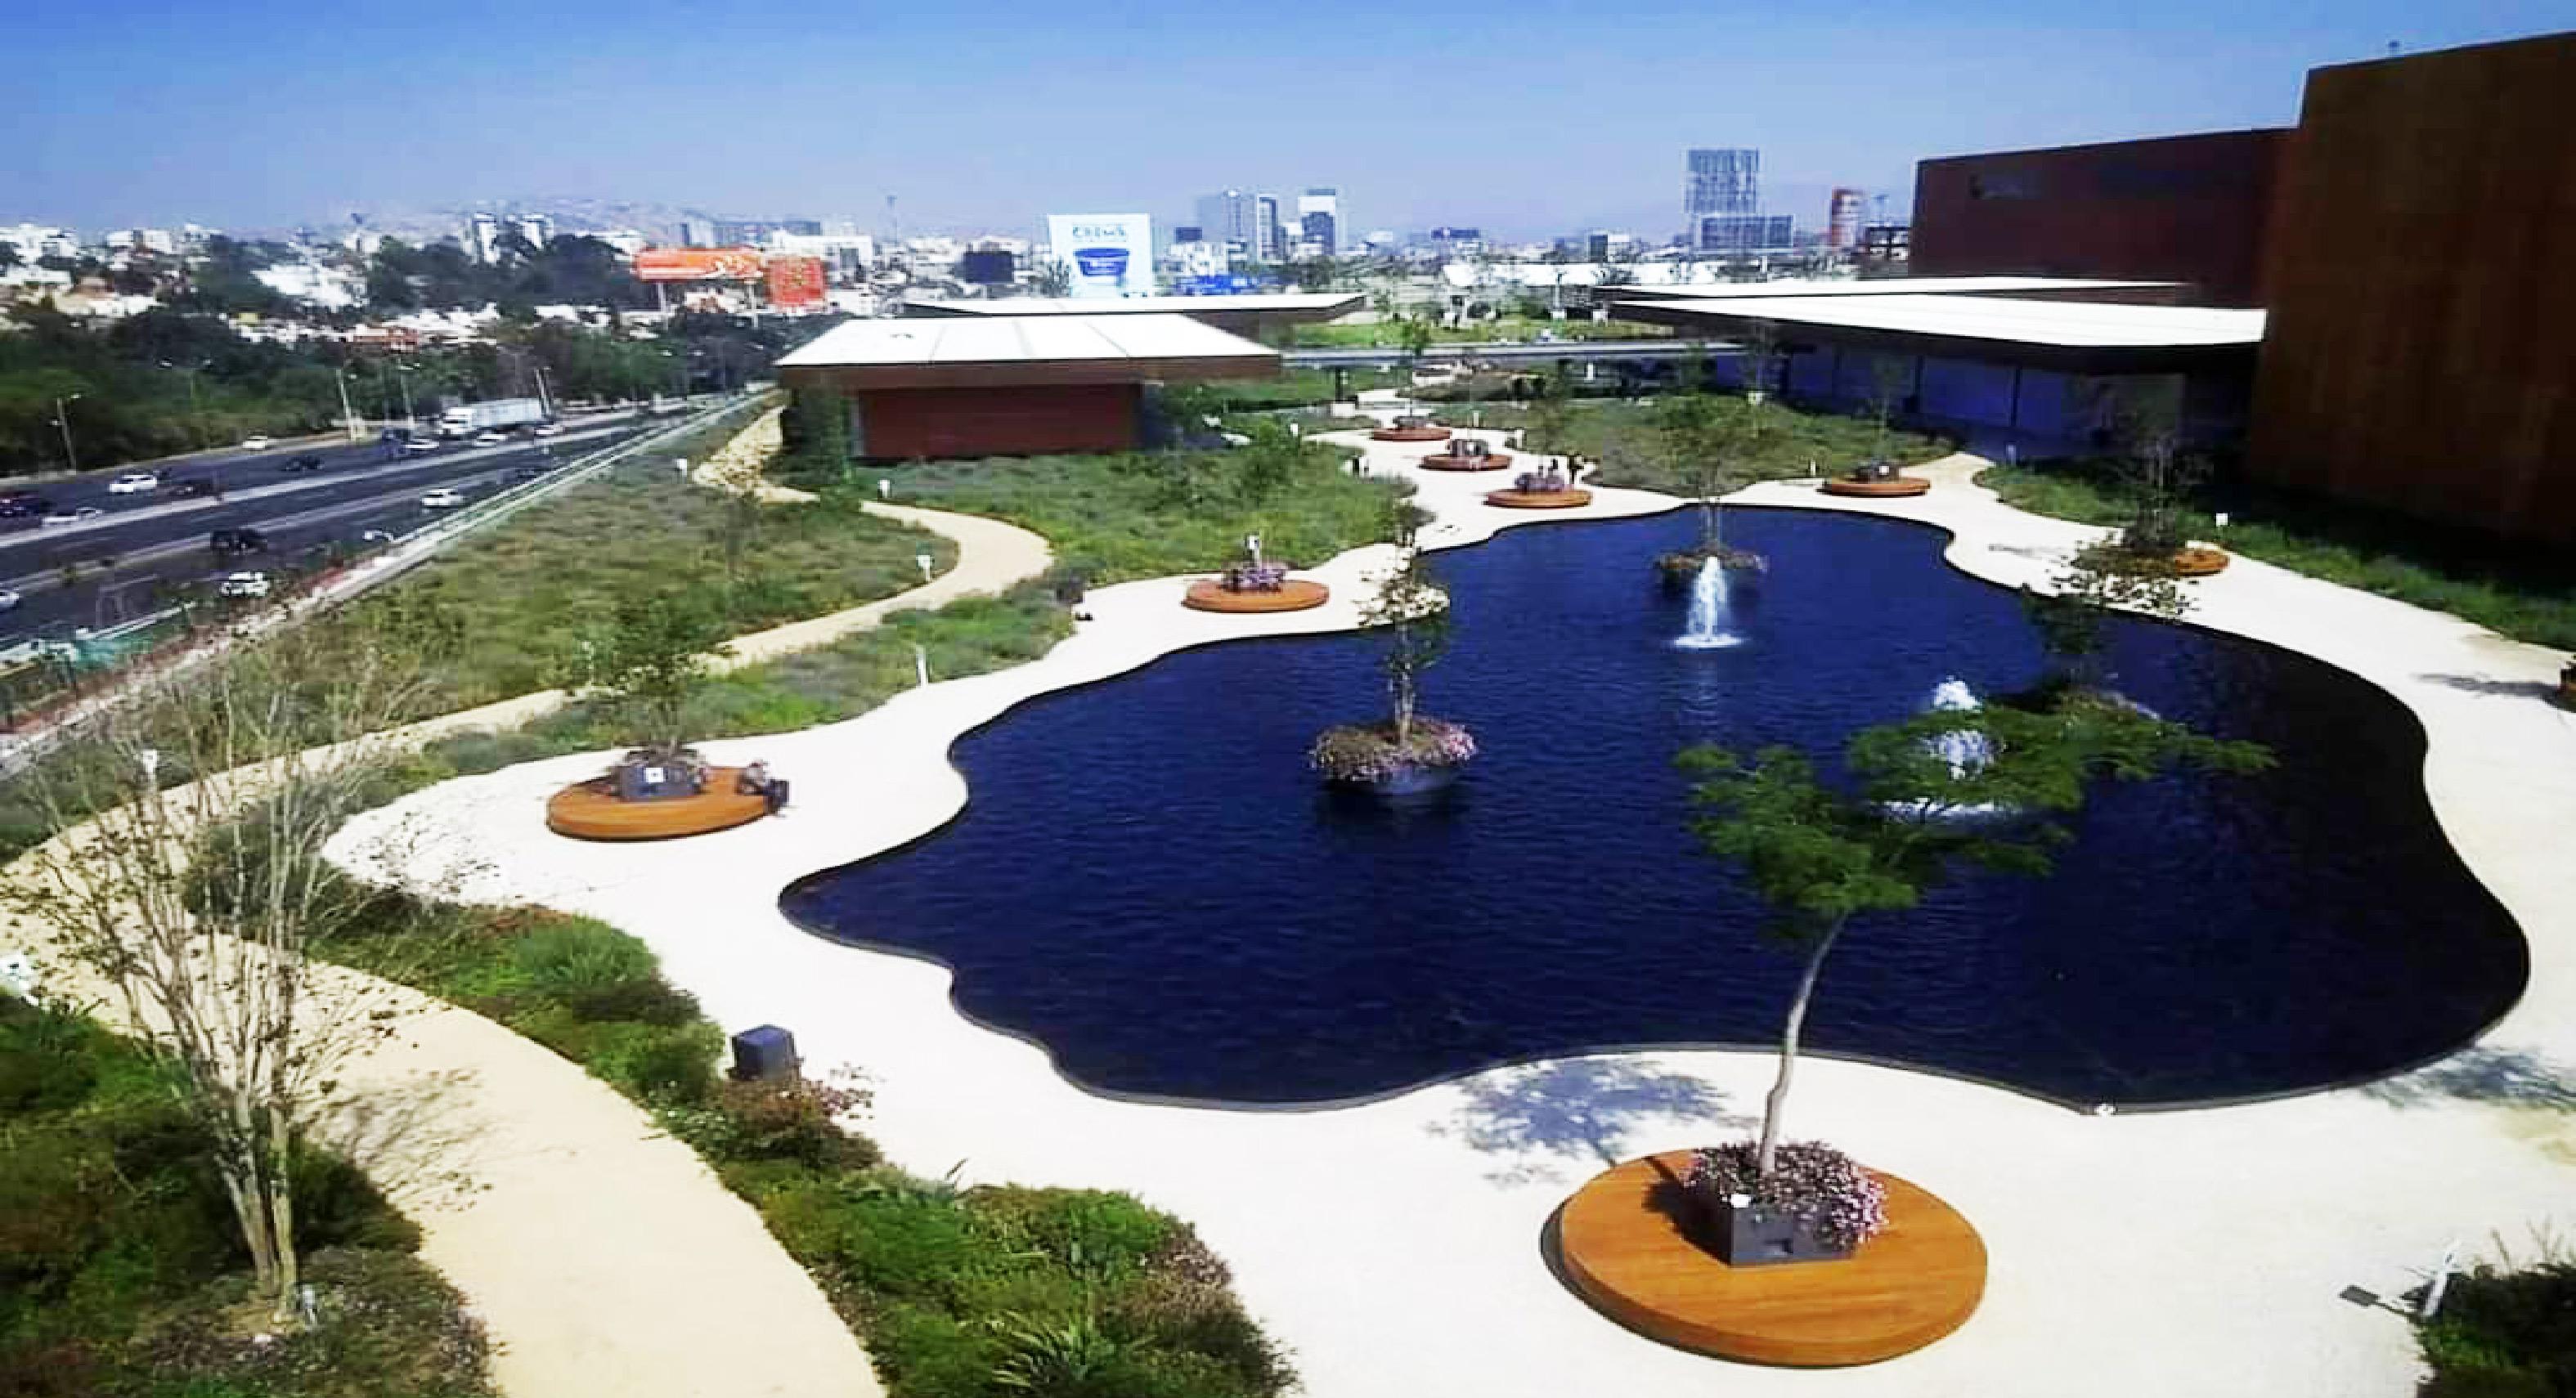 Nuevo centro comercial mexiquense con el parque más grande del mundo en su azotea || VIDEO